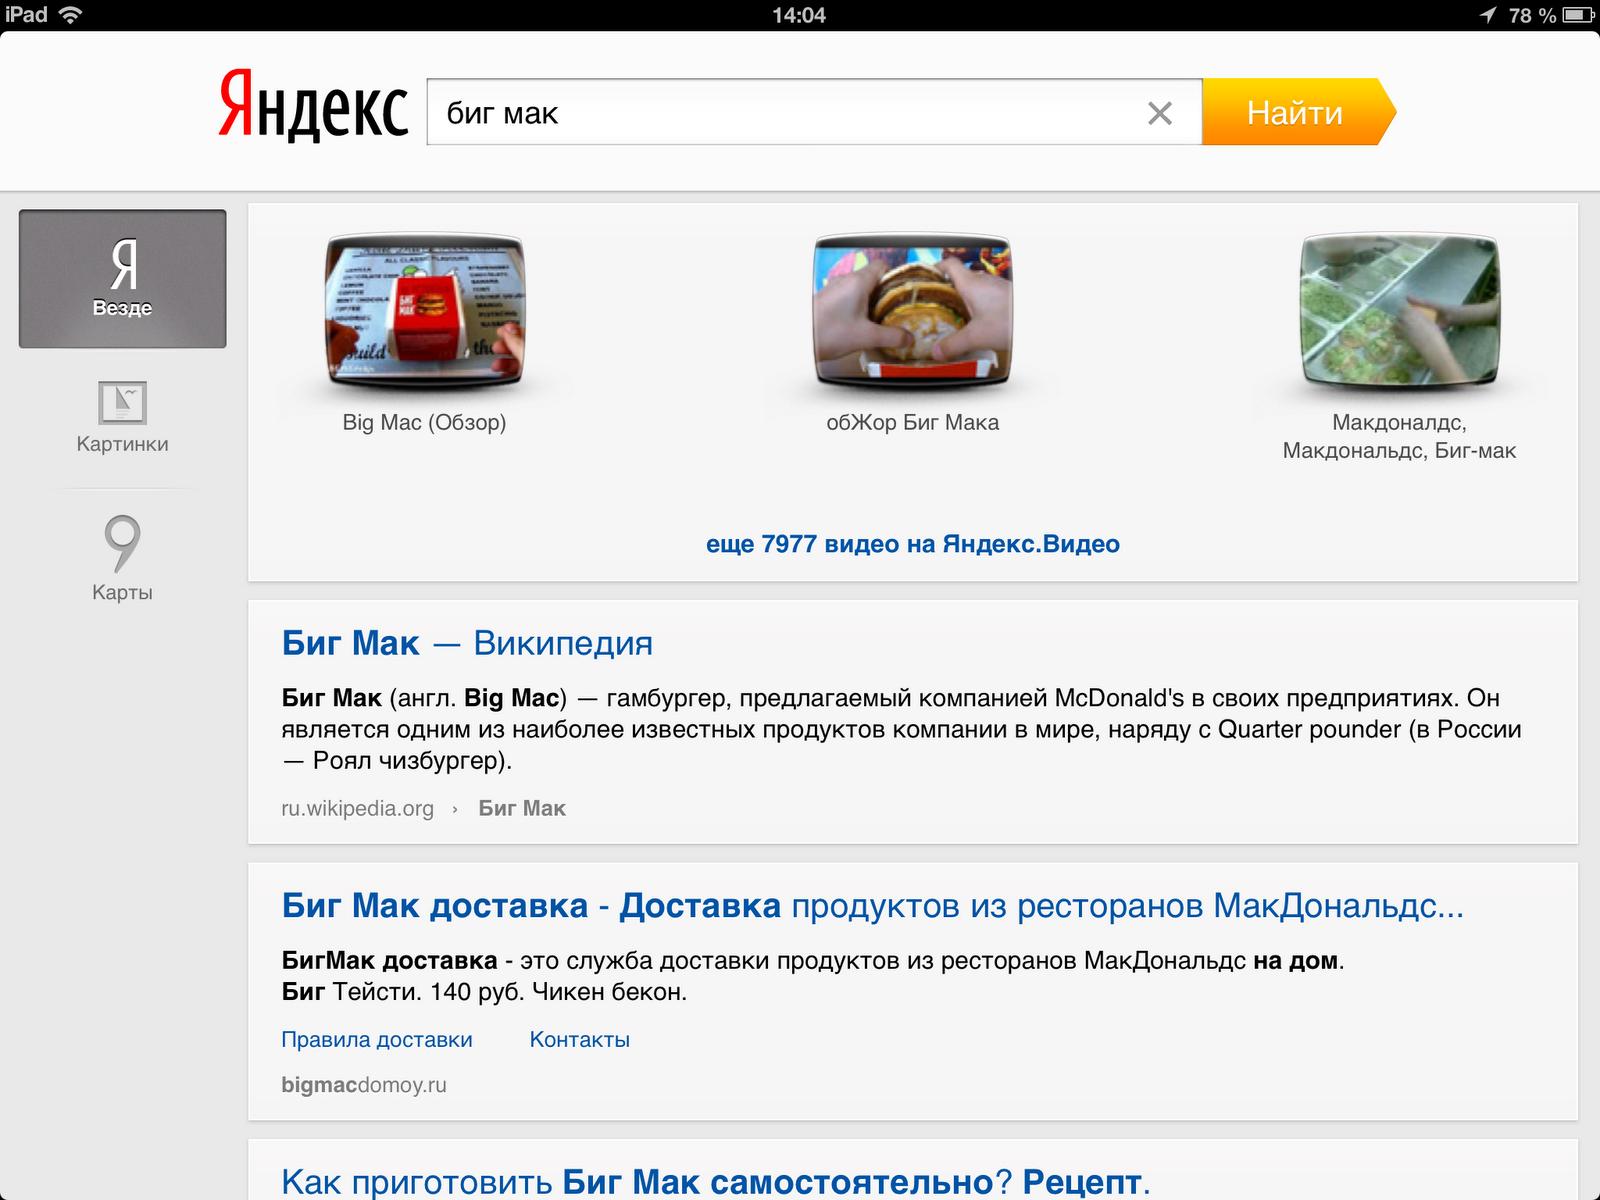 APPSPACE: Яндекс.Поиск для iPad - новое приложение для поиска в ...